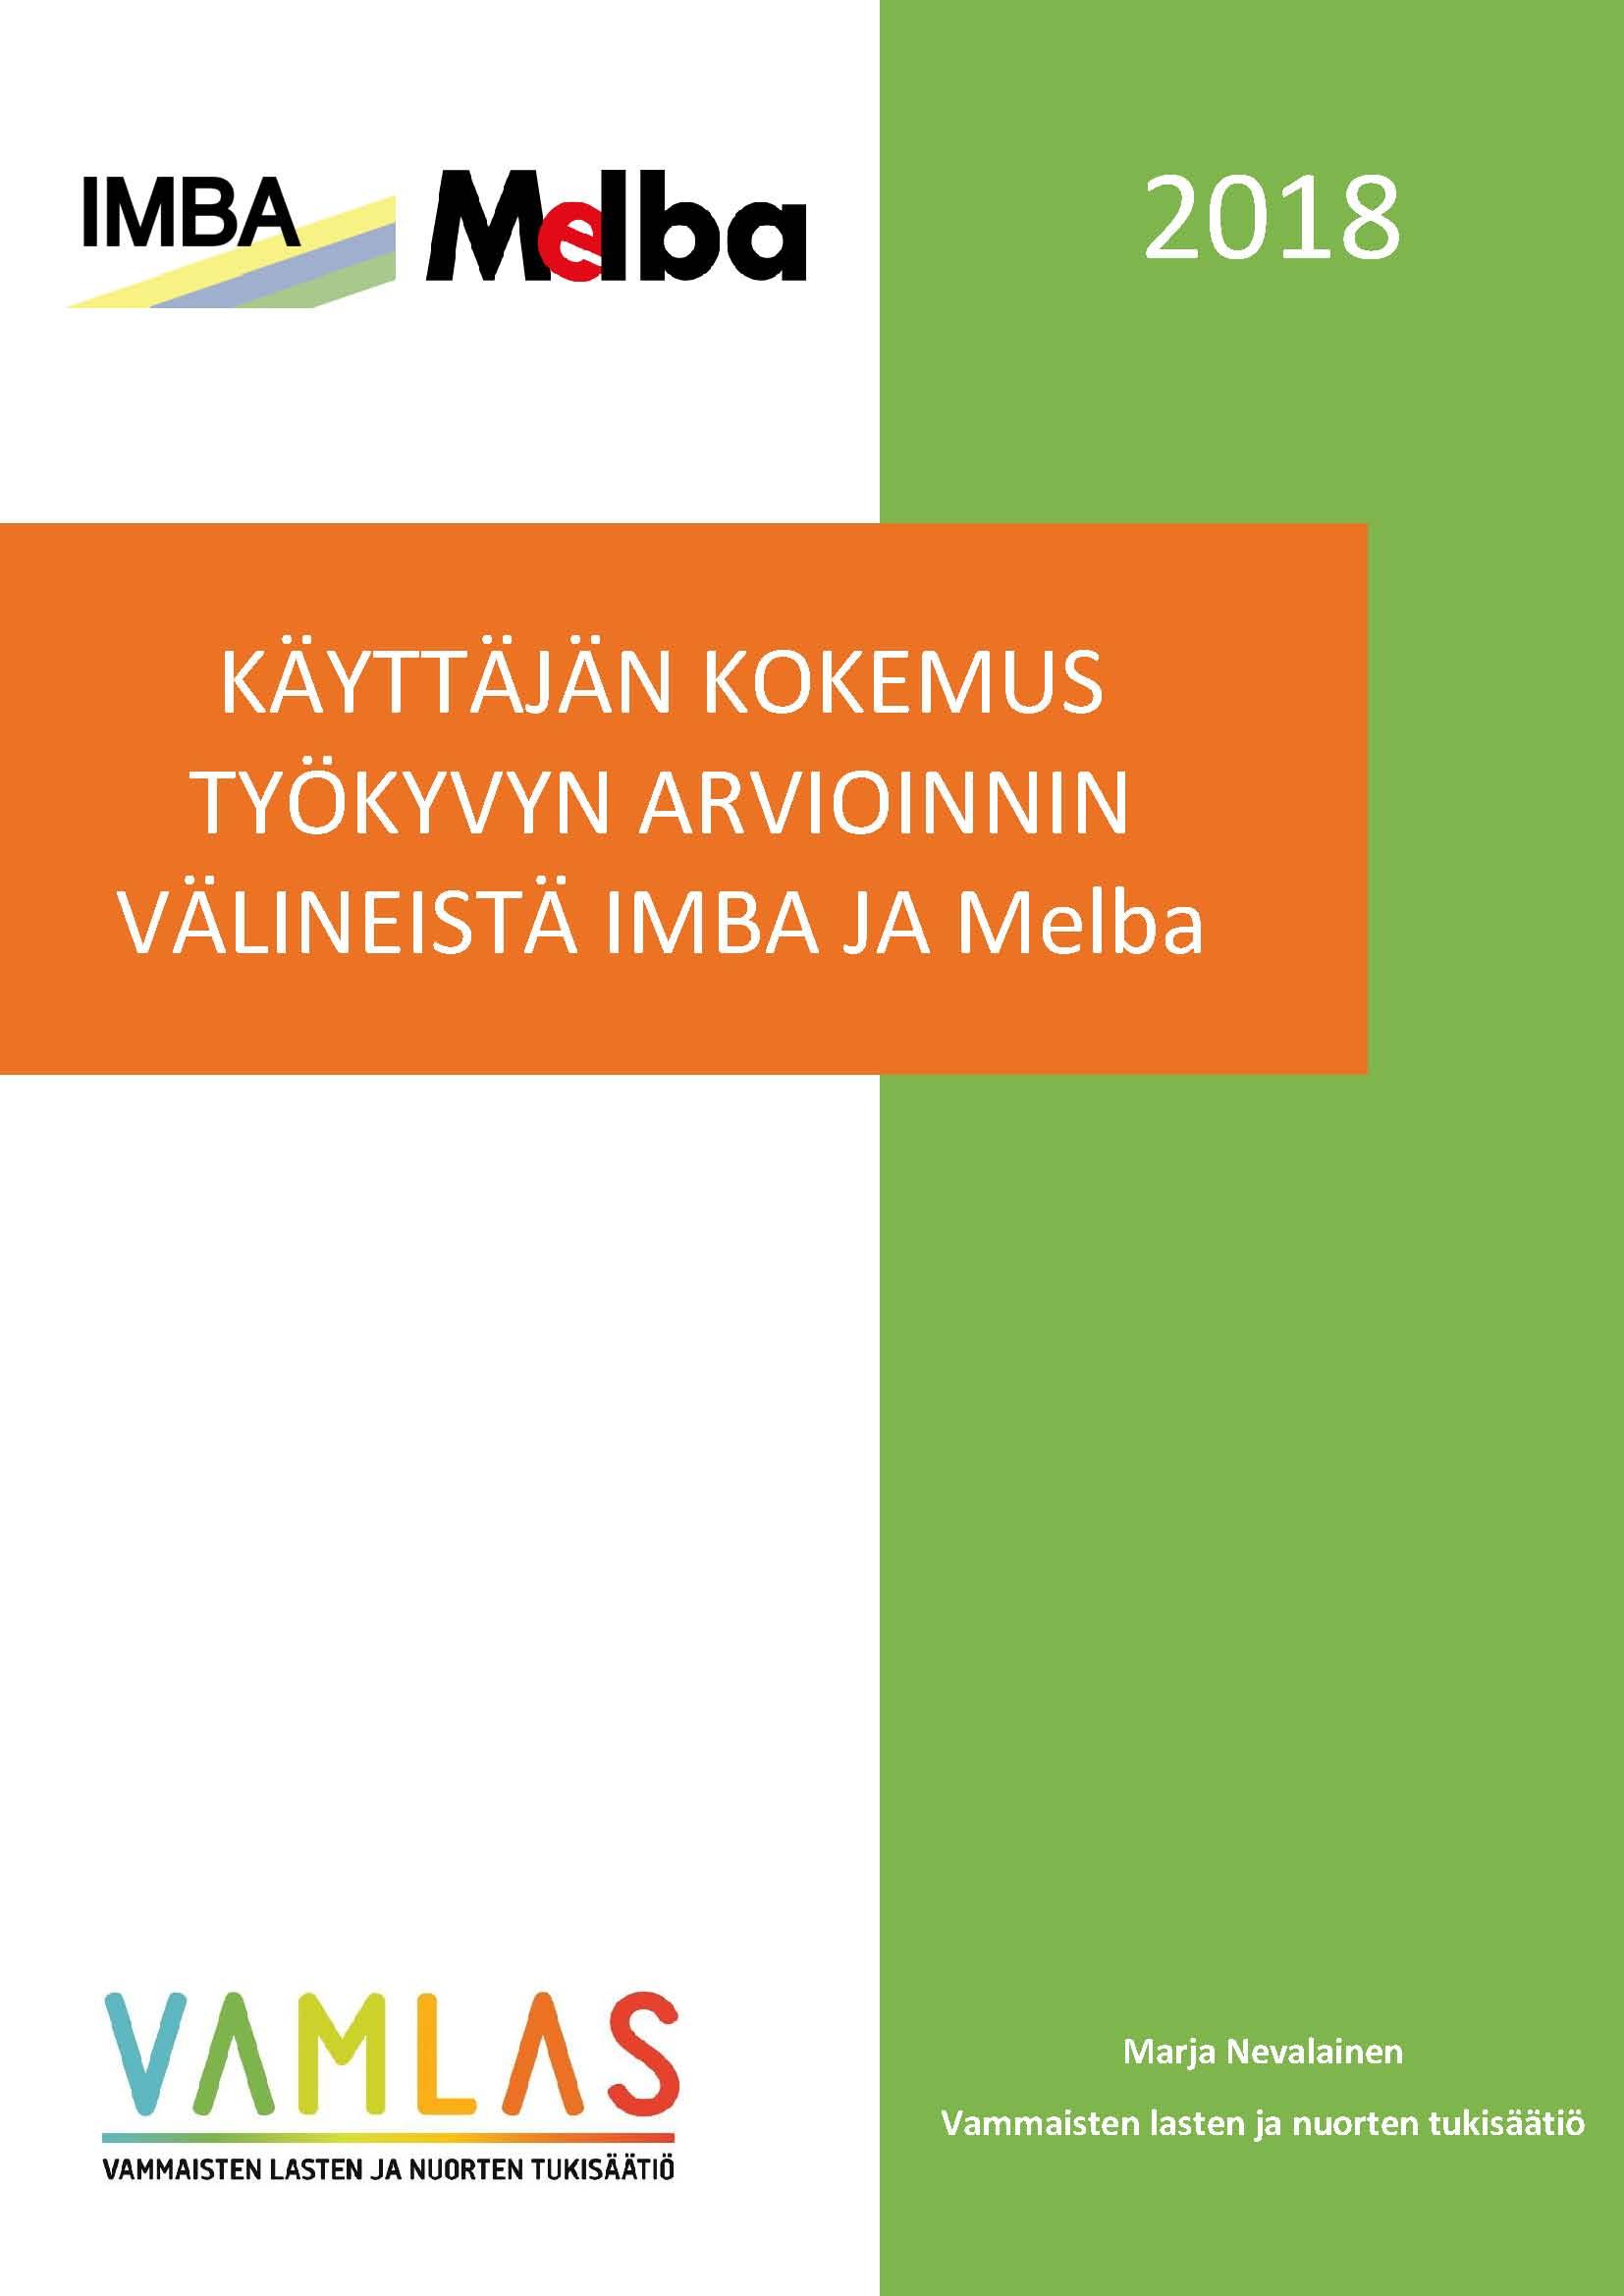 Etusivu IMBA ja Melba selvitys